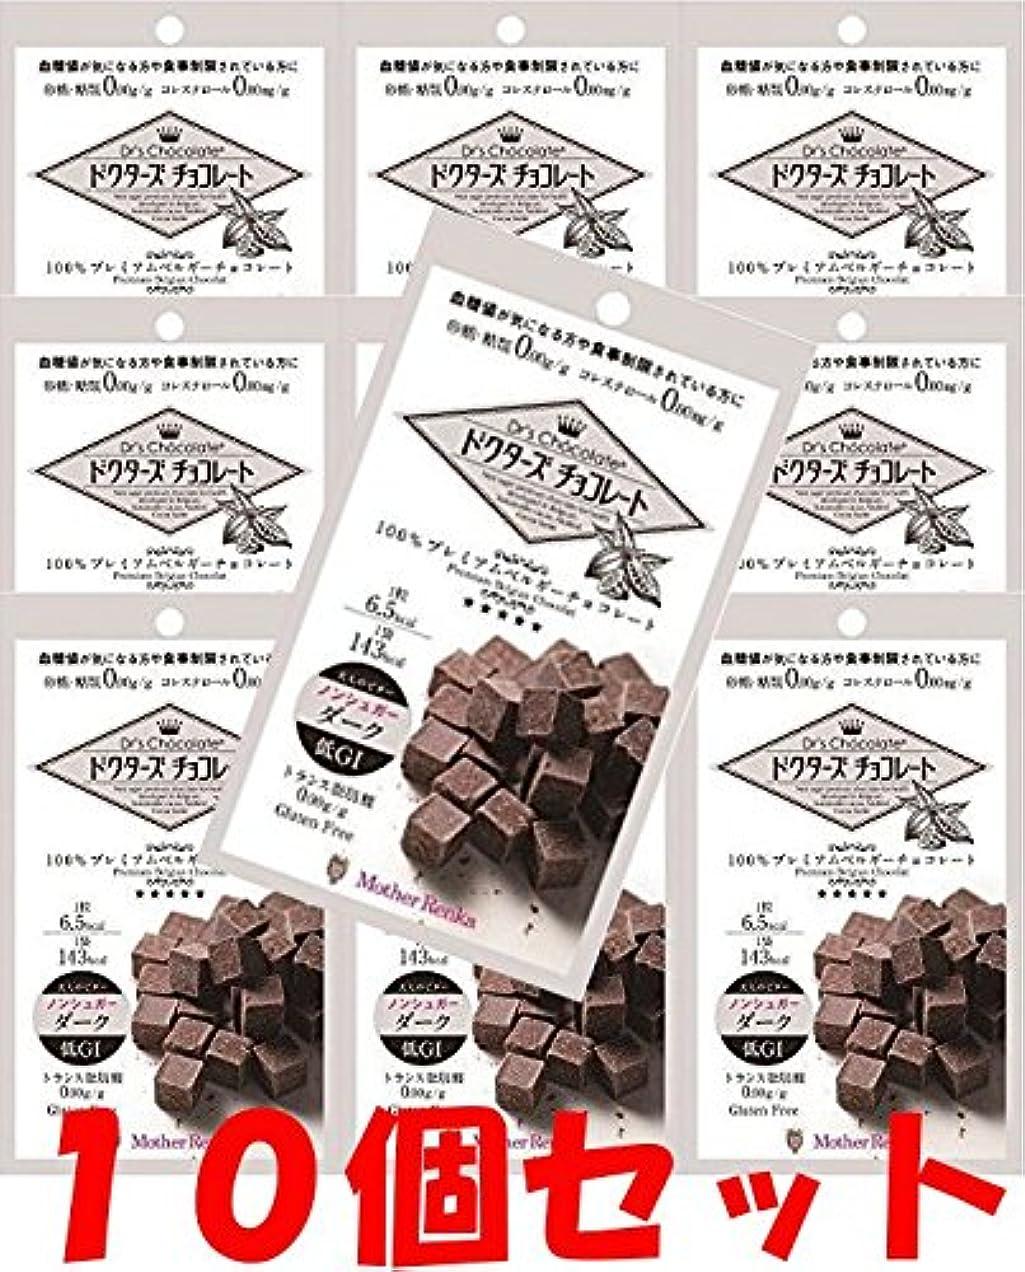 会員逆さまに悲しみ【10個セット】ドクターズ チョコレート ノンシュガーダーク 30g